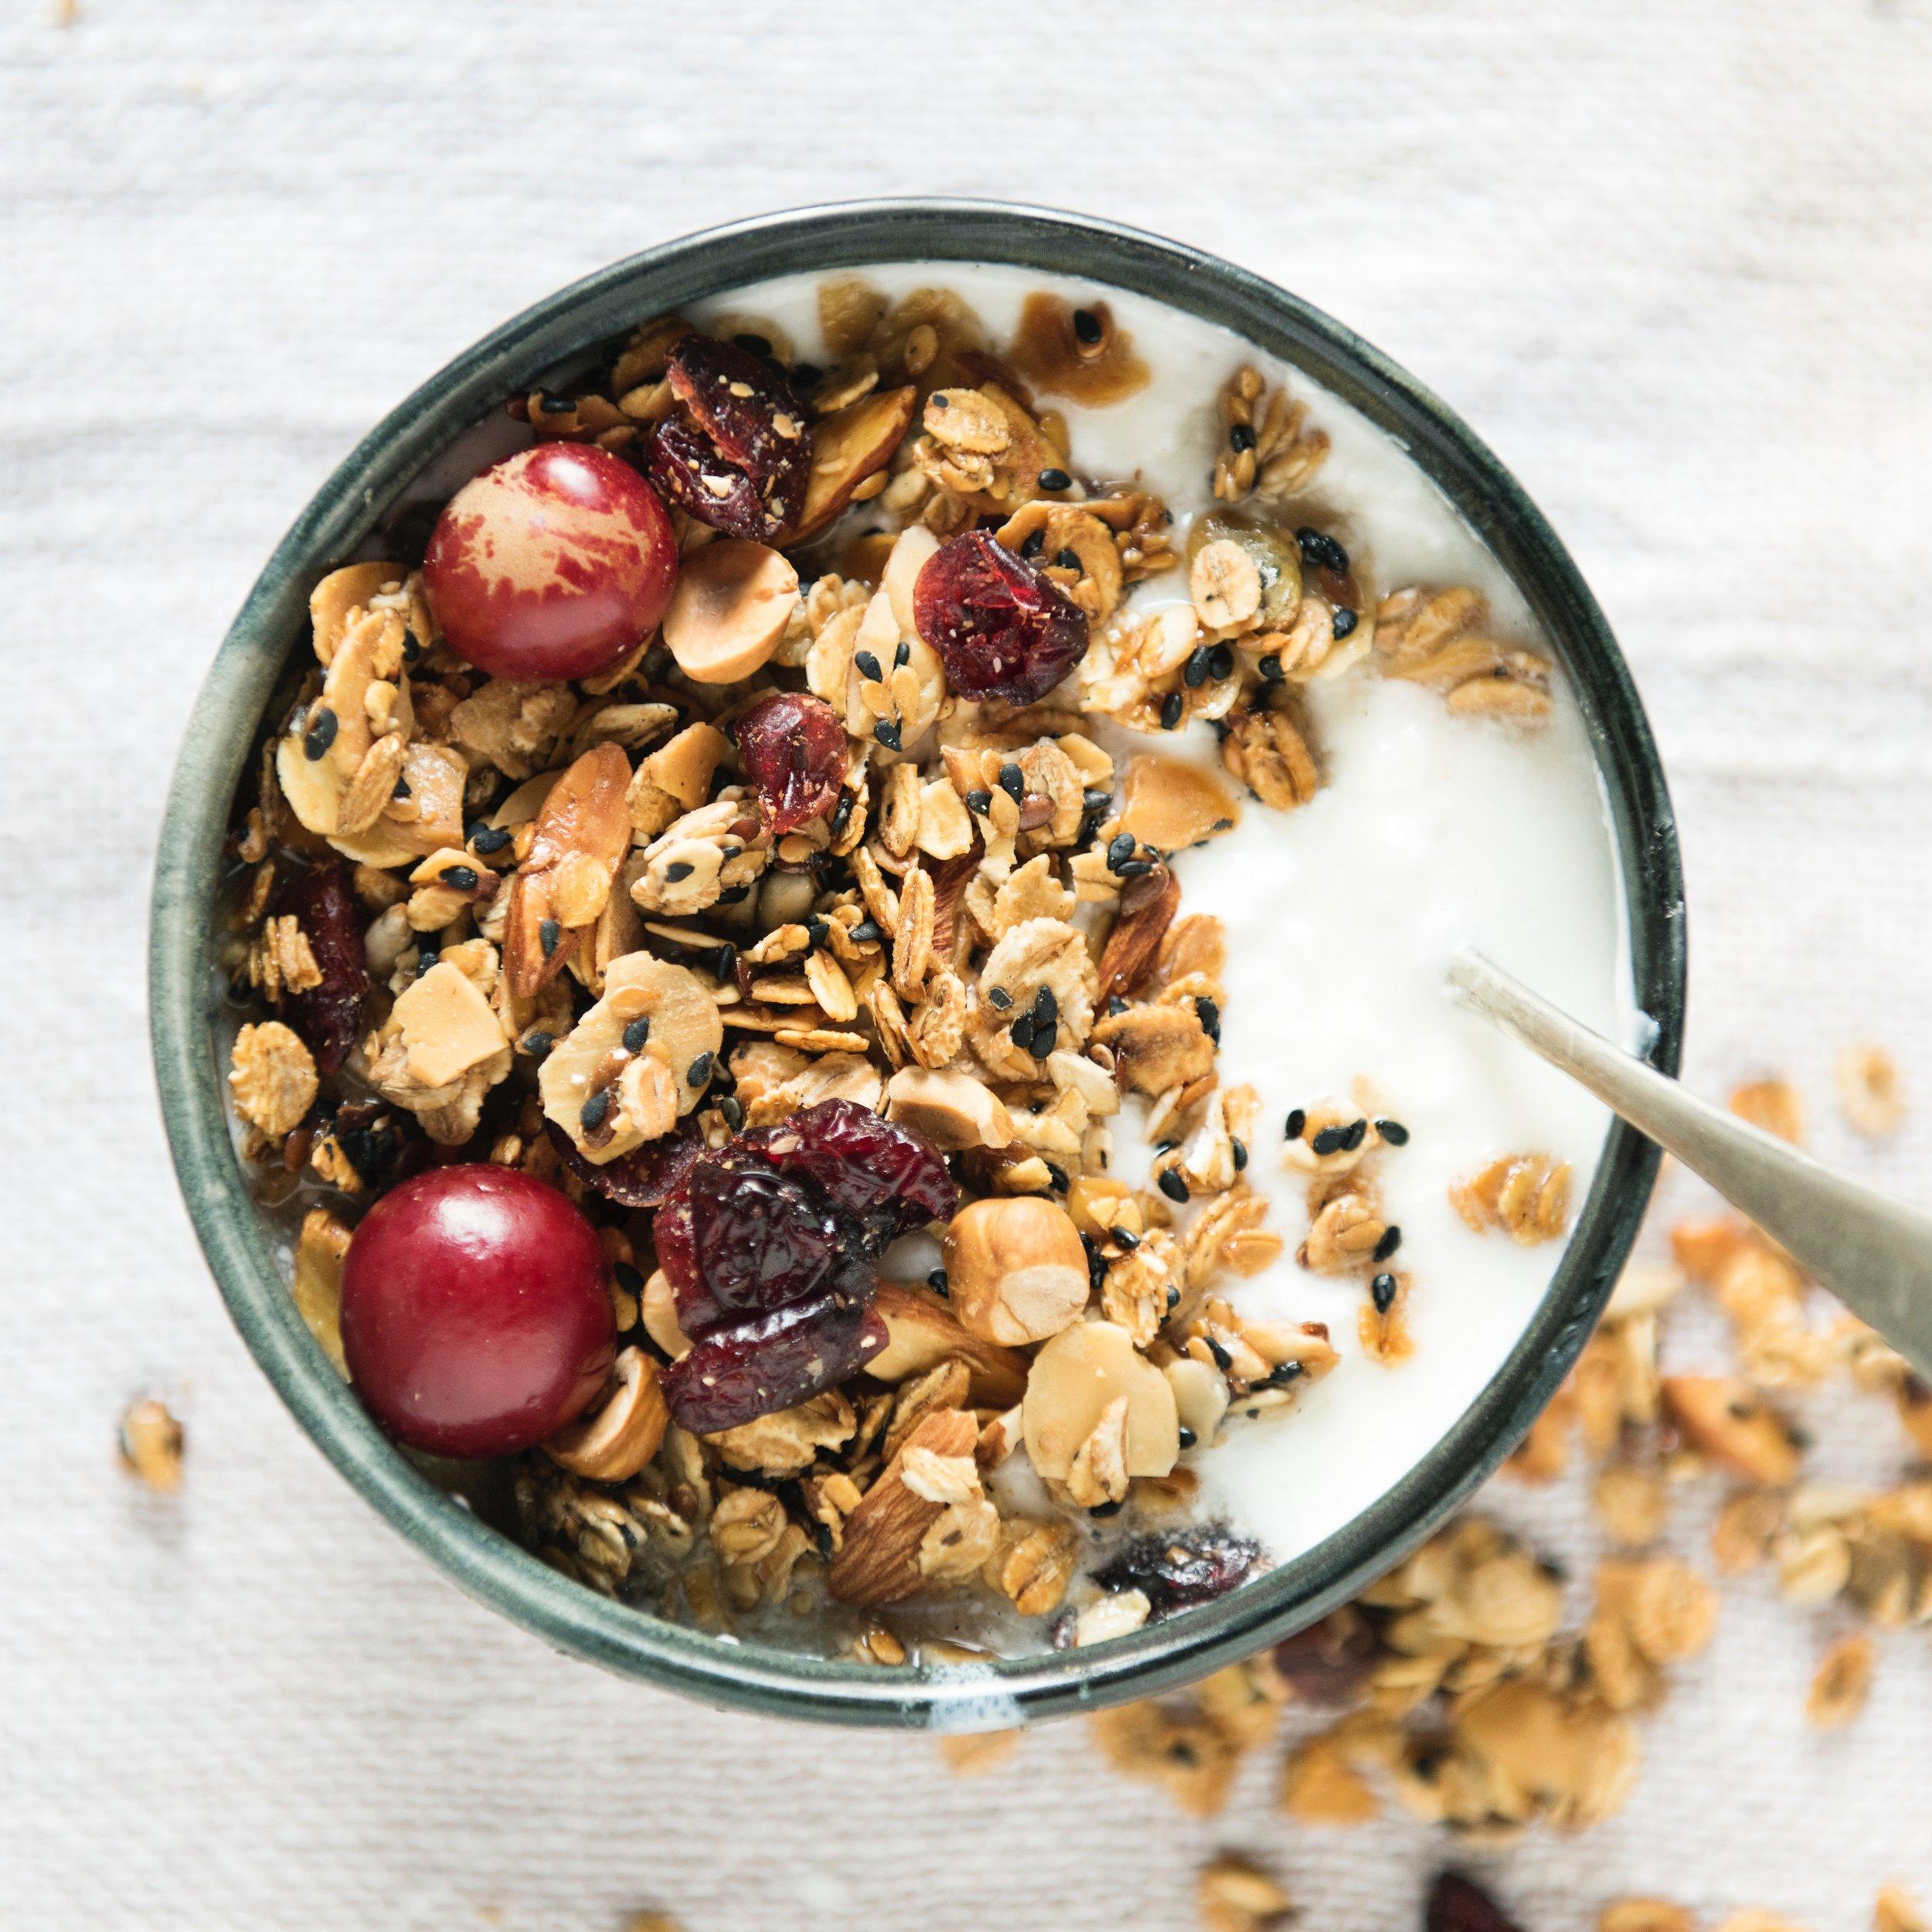 bowl-cereal-bowl-cereals-1374551.jpg